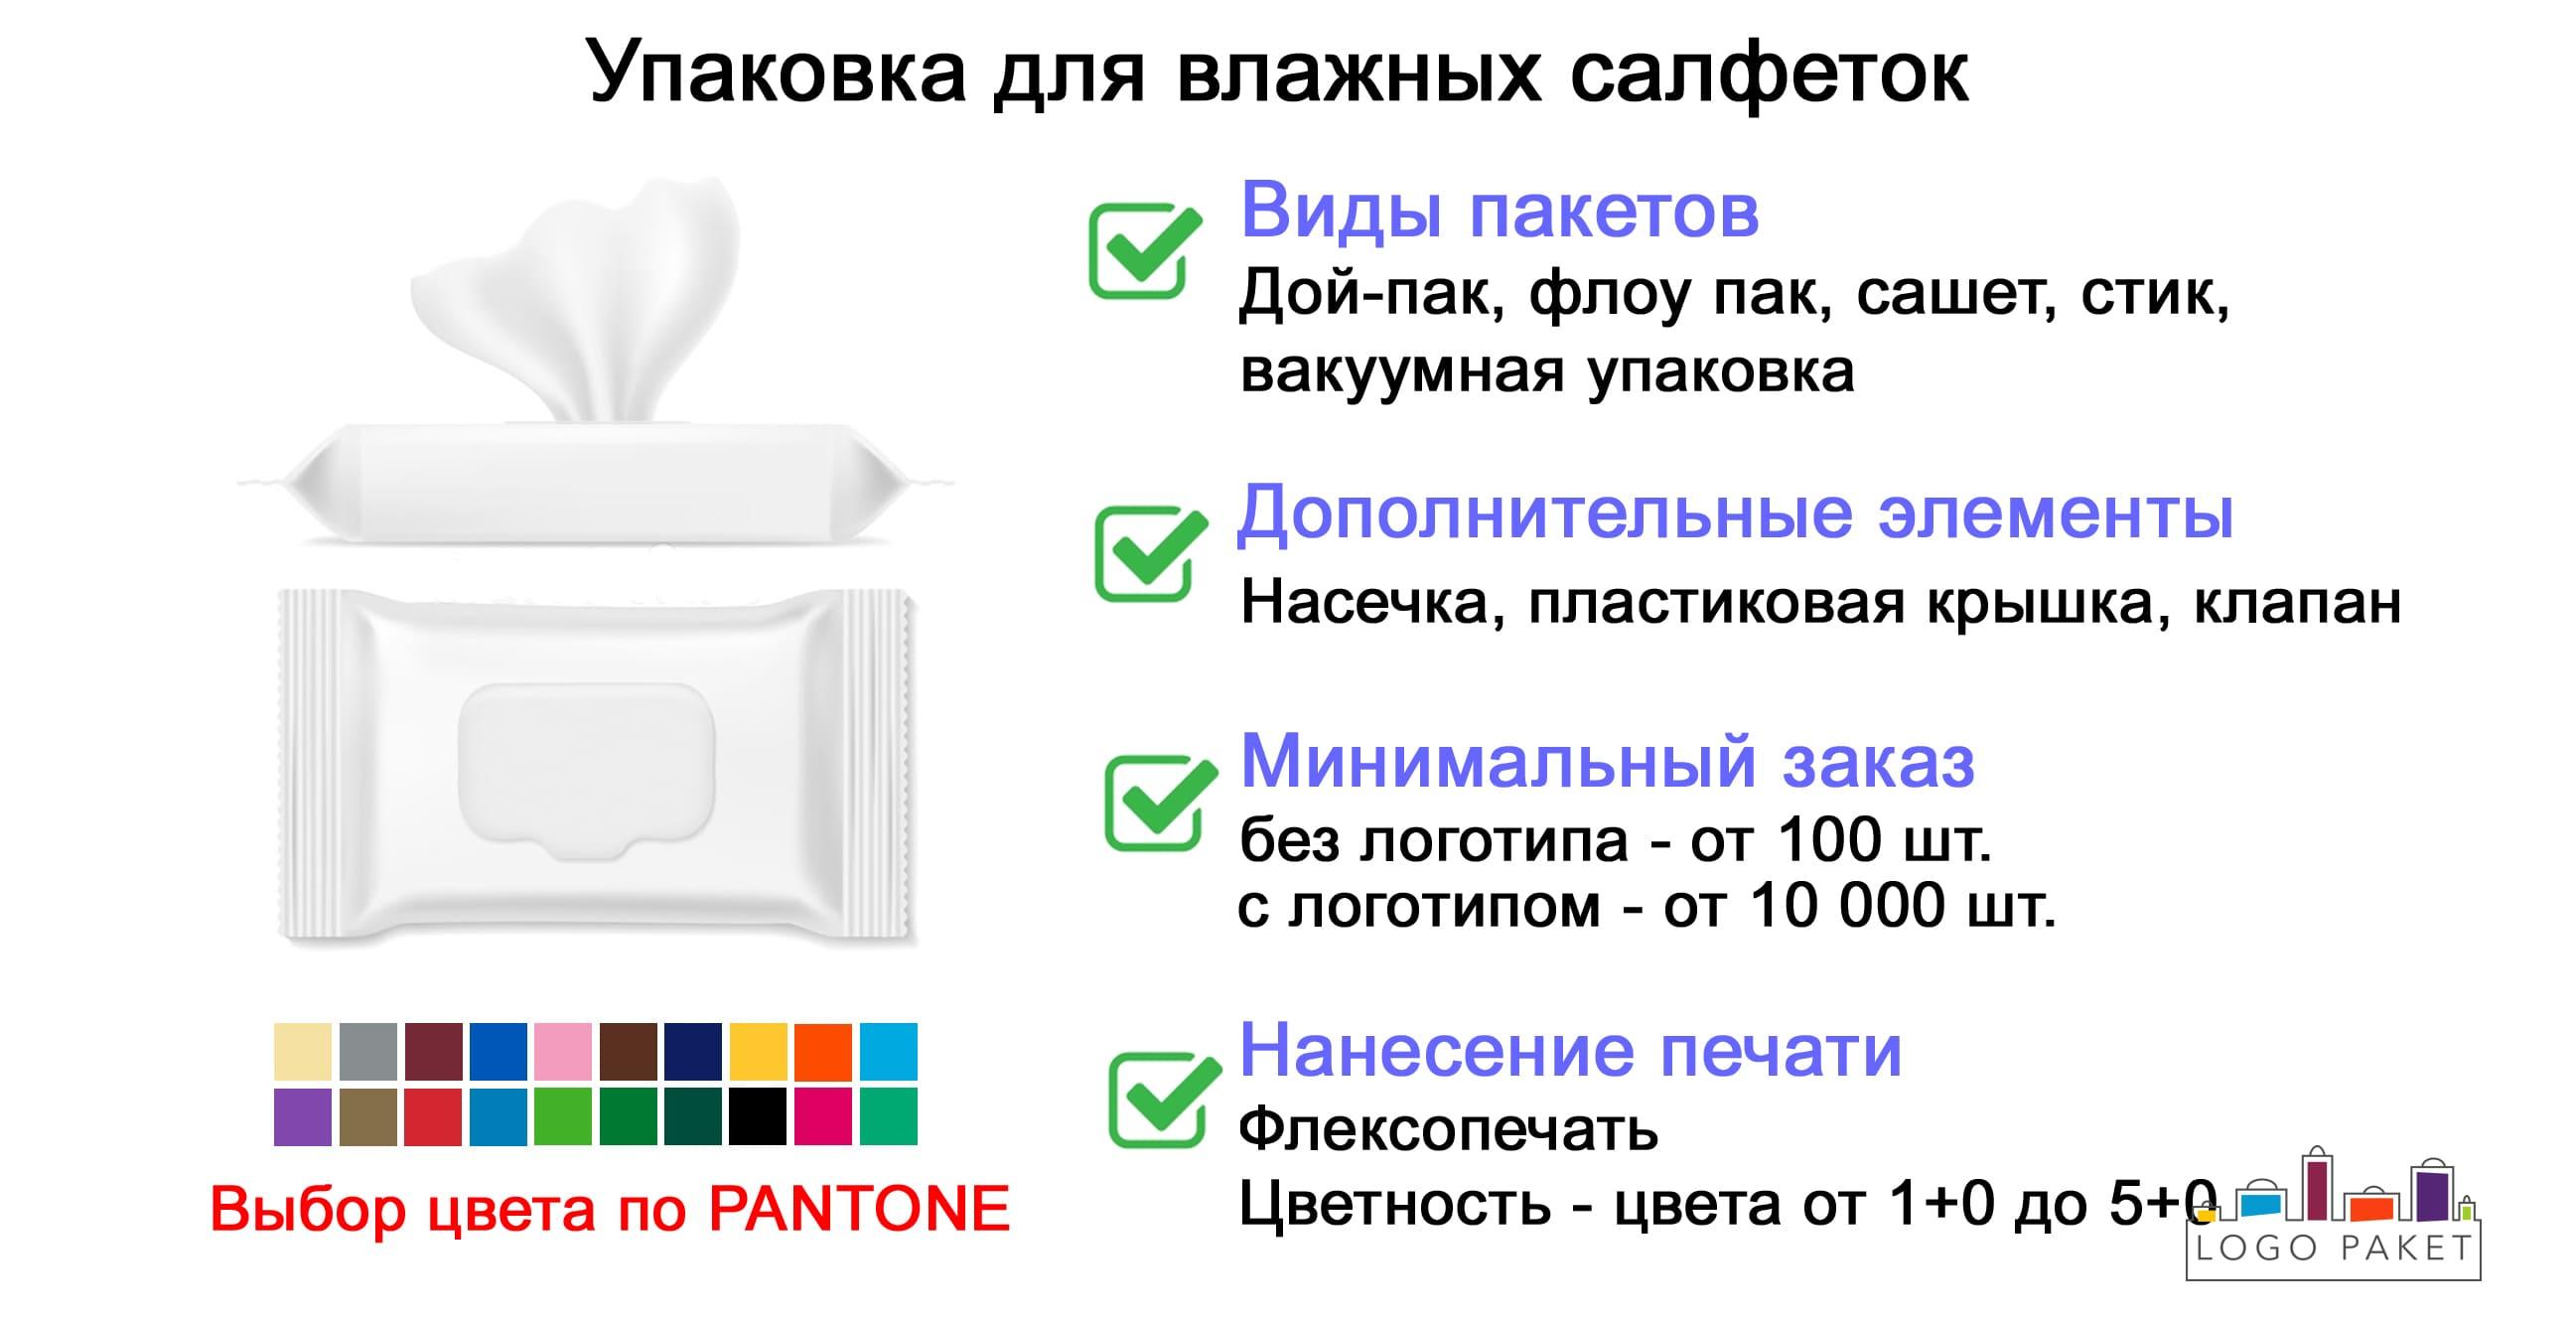 Упаковка для влажных салфеток инфографика